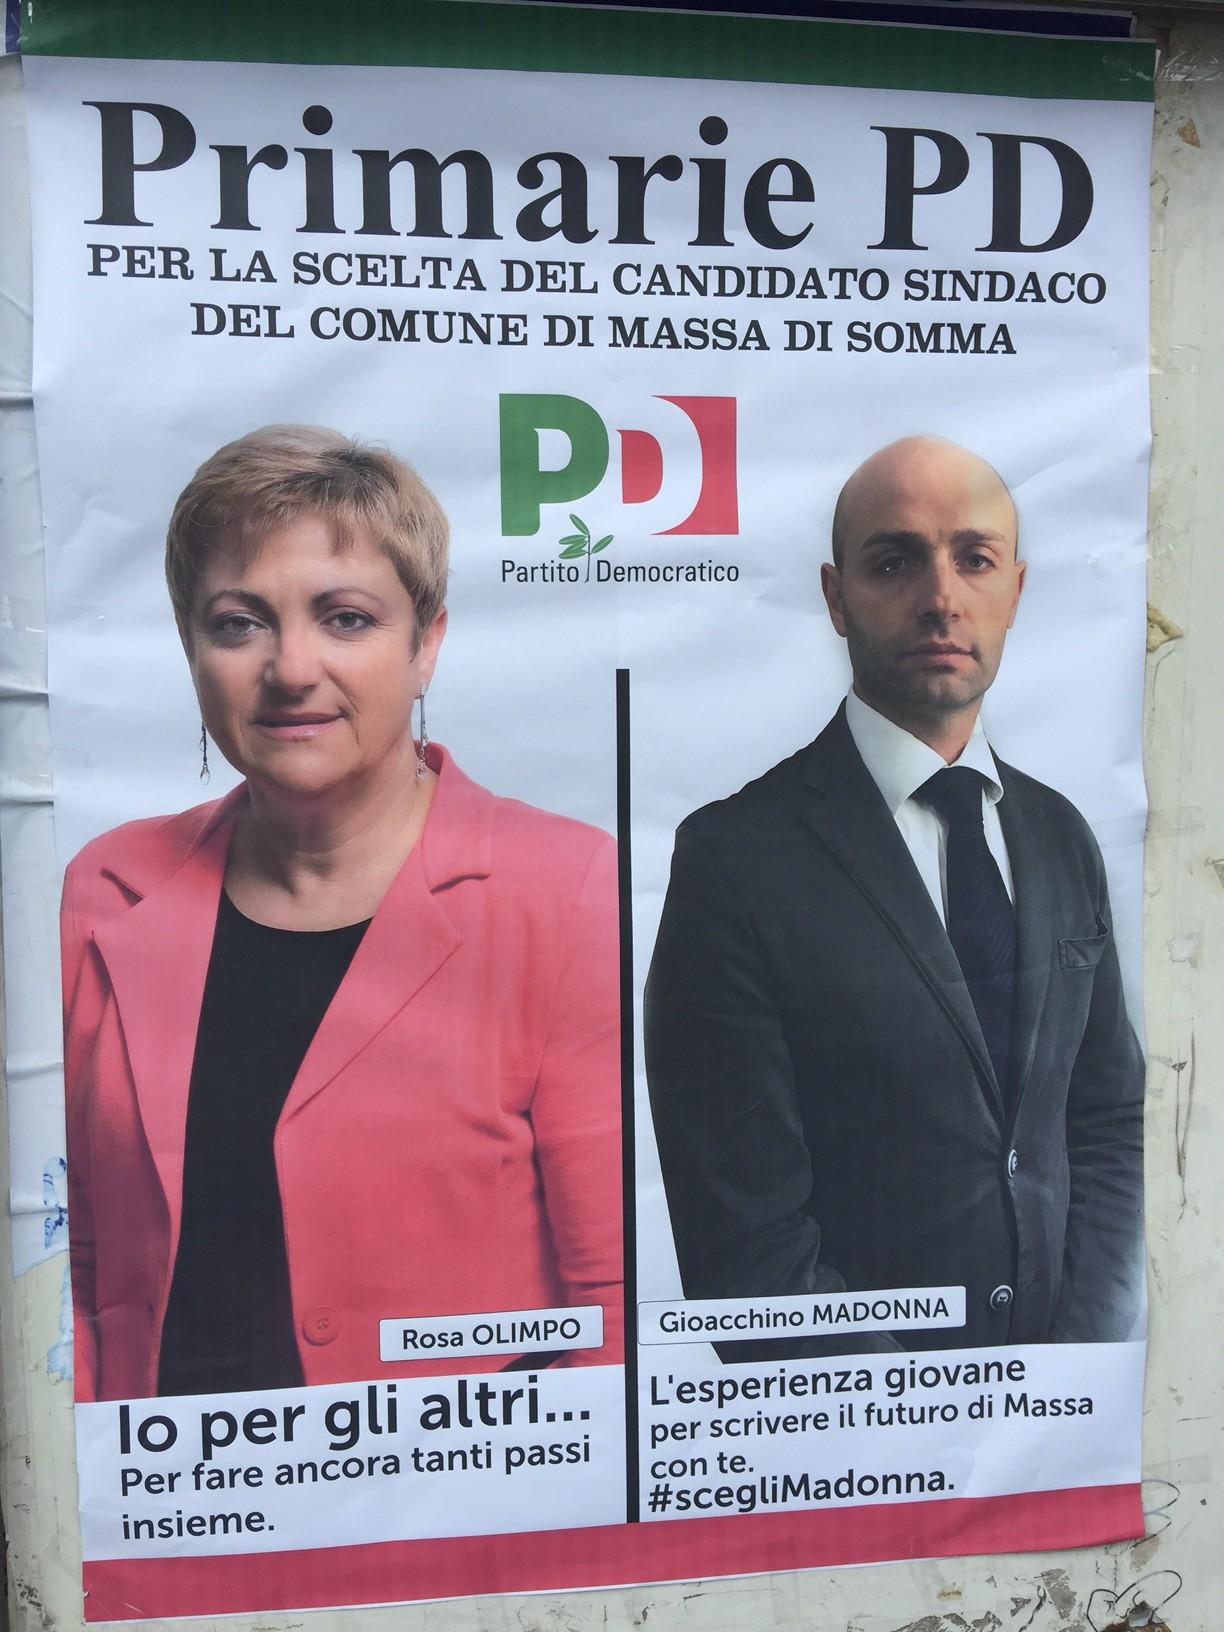 PRIMARIE, Segreteria Pd Napoli annulla le Primarie a Massa di Somma. A San Sebastiano urne aperte fino a stasera